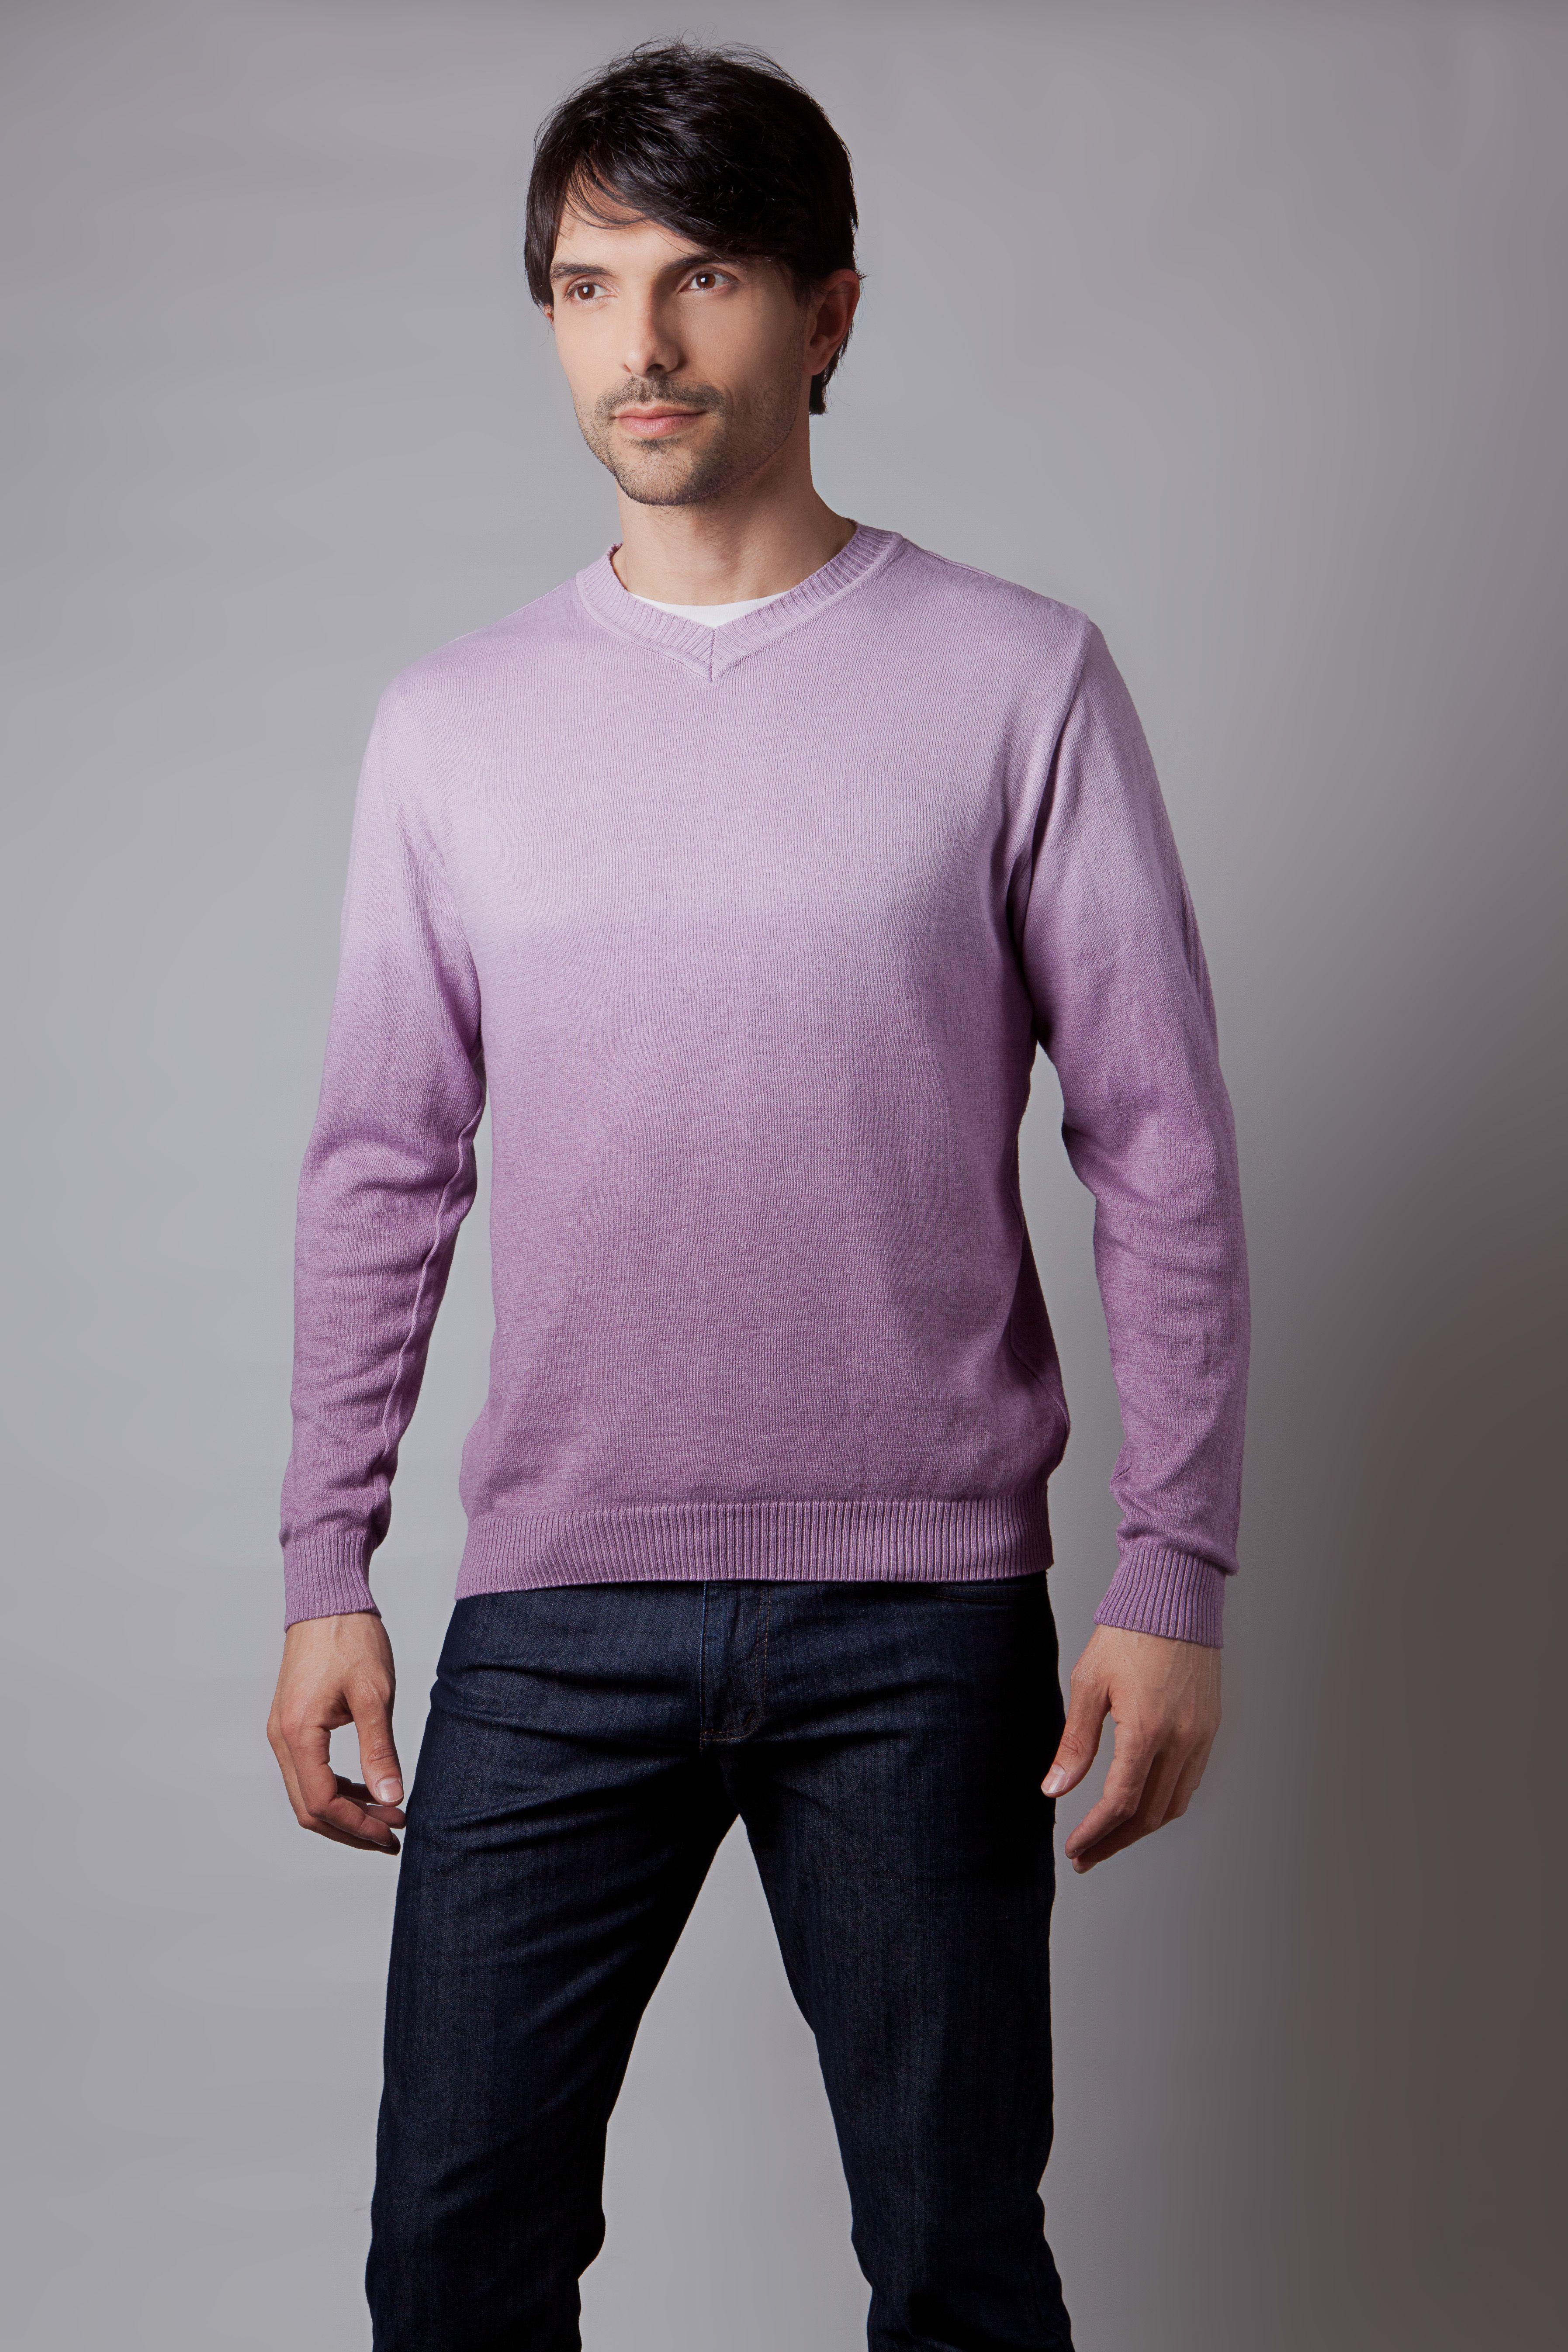 Coleção tricot Outono Inverno Kardiê 2014. Ref. 8473. 2014 Fall Winter Collection tricot Kardiê.